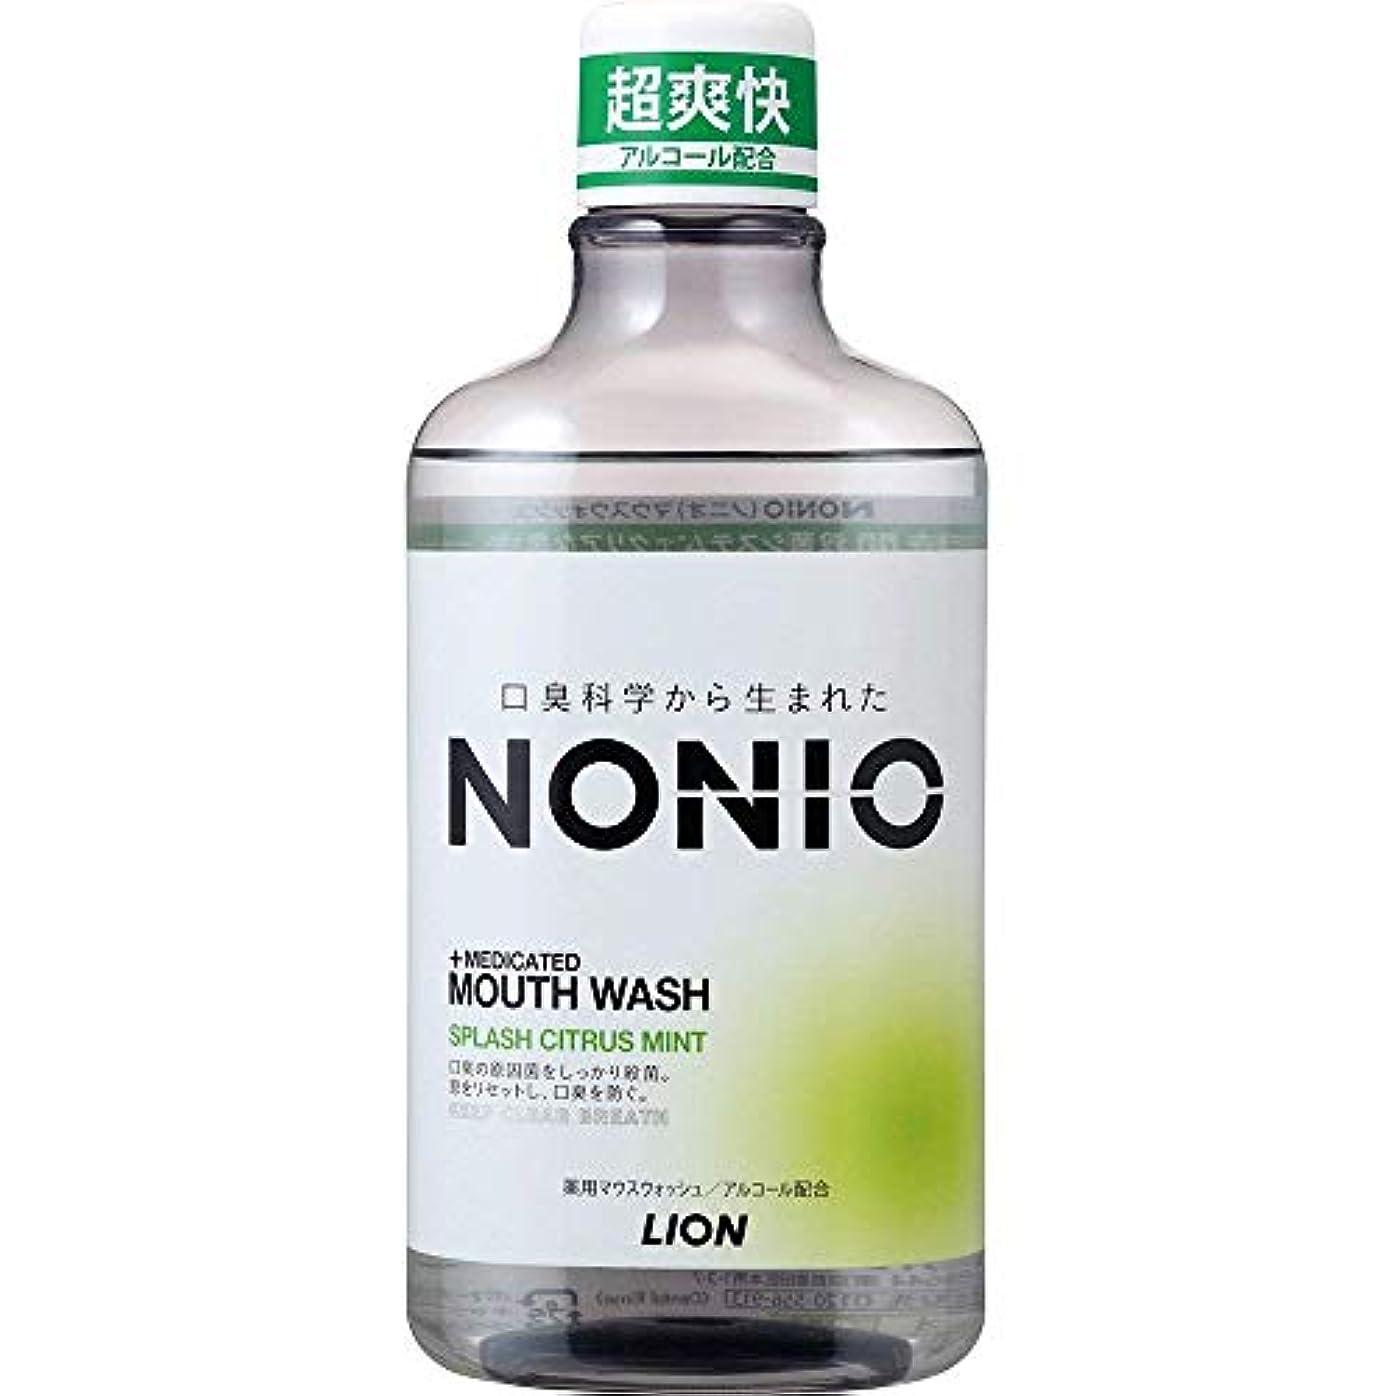 セグメント最初映画NONIO マウスウォッシュ スプラッシュシトラスミント 600ml ×12個